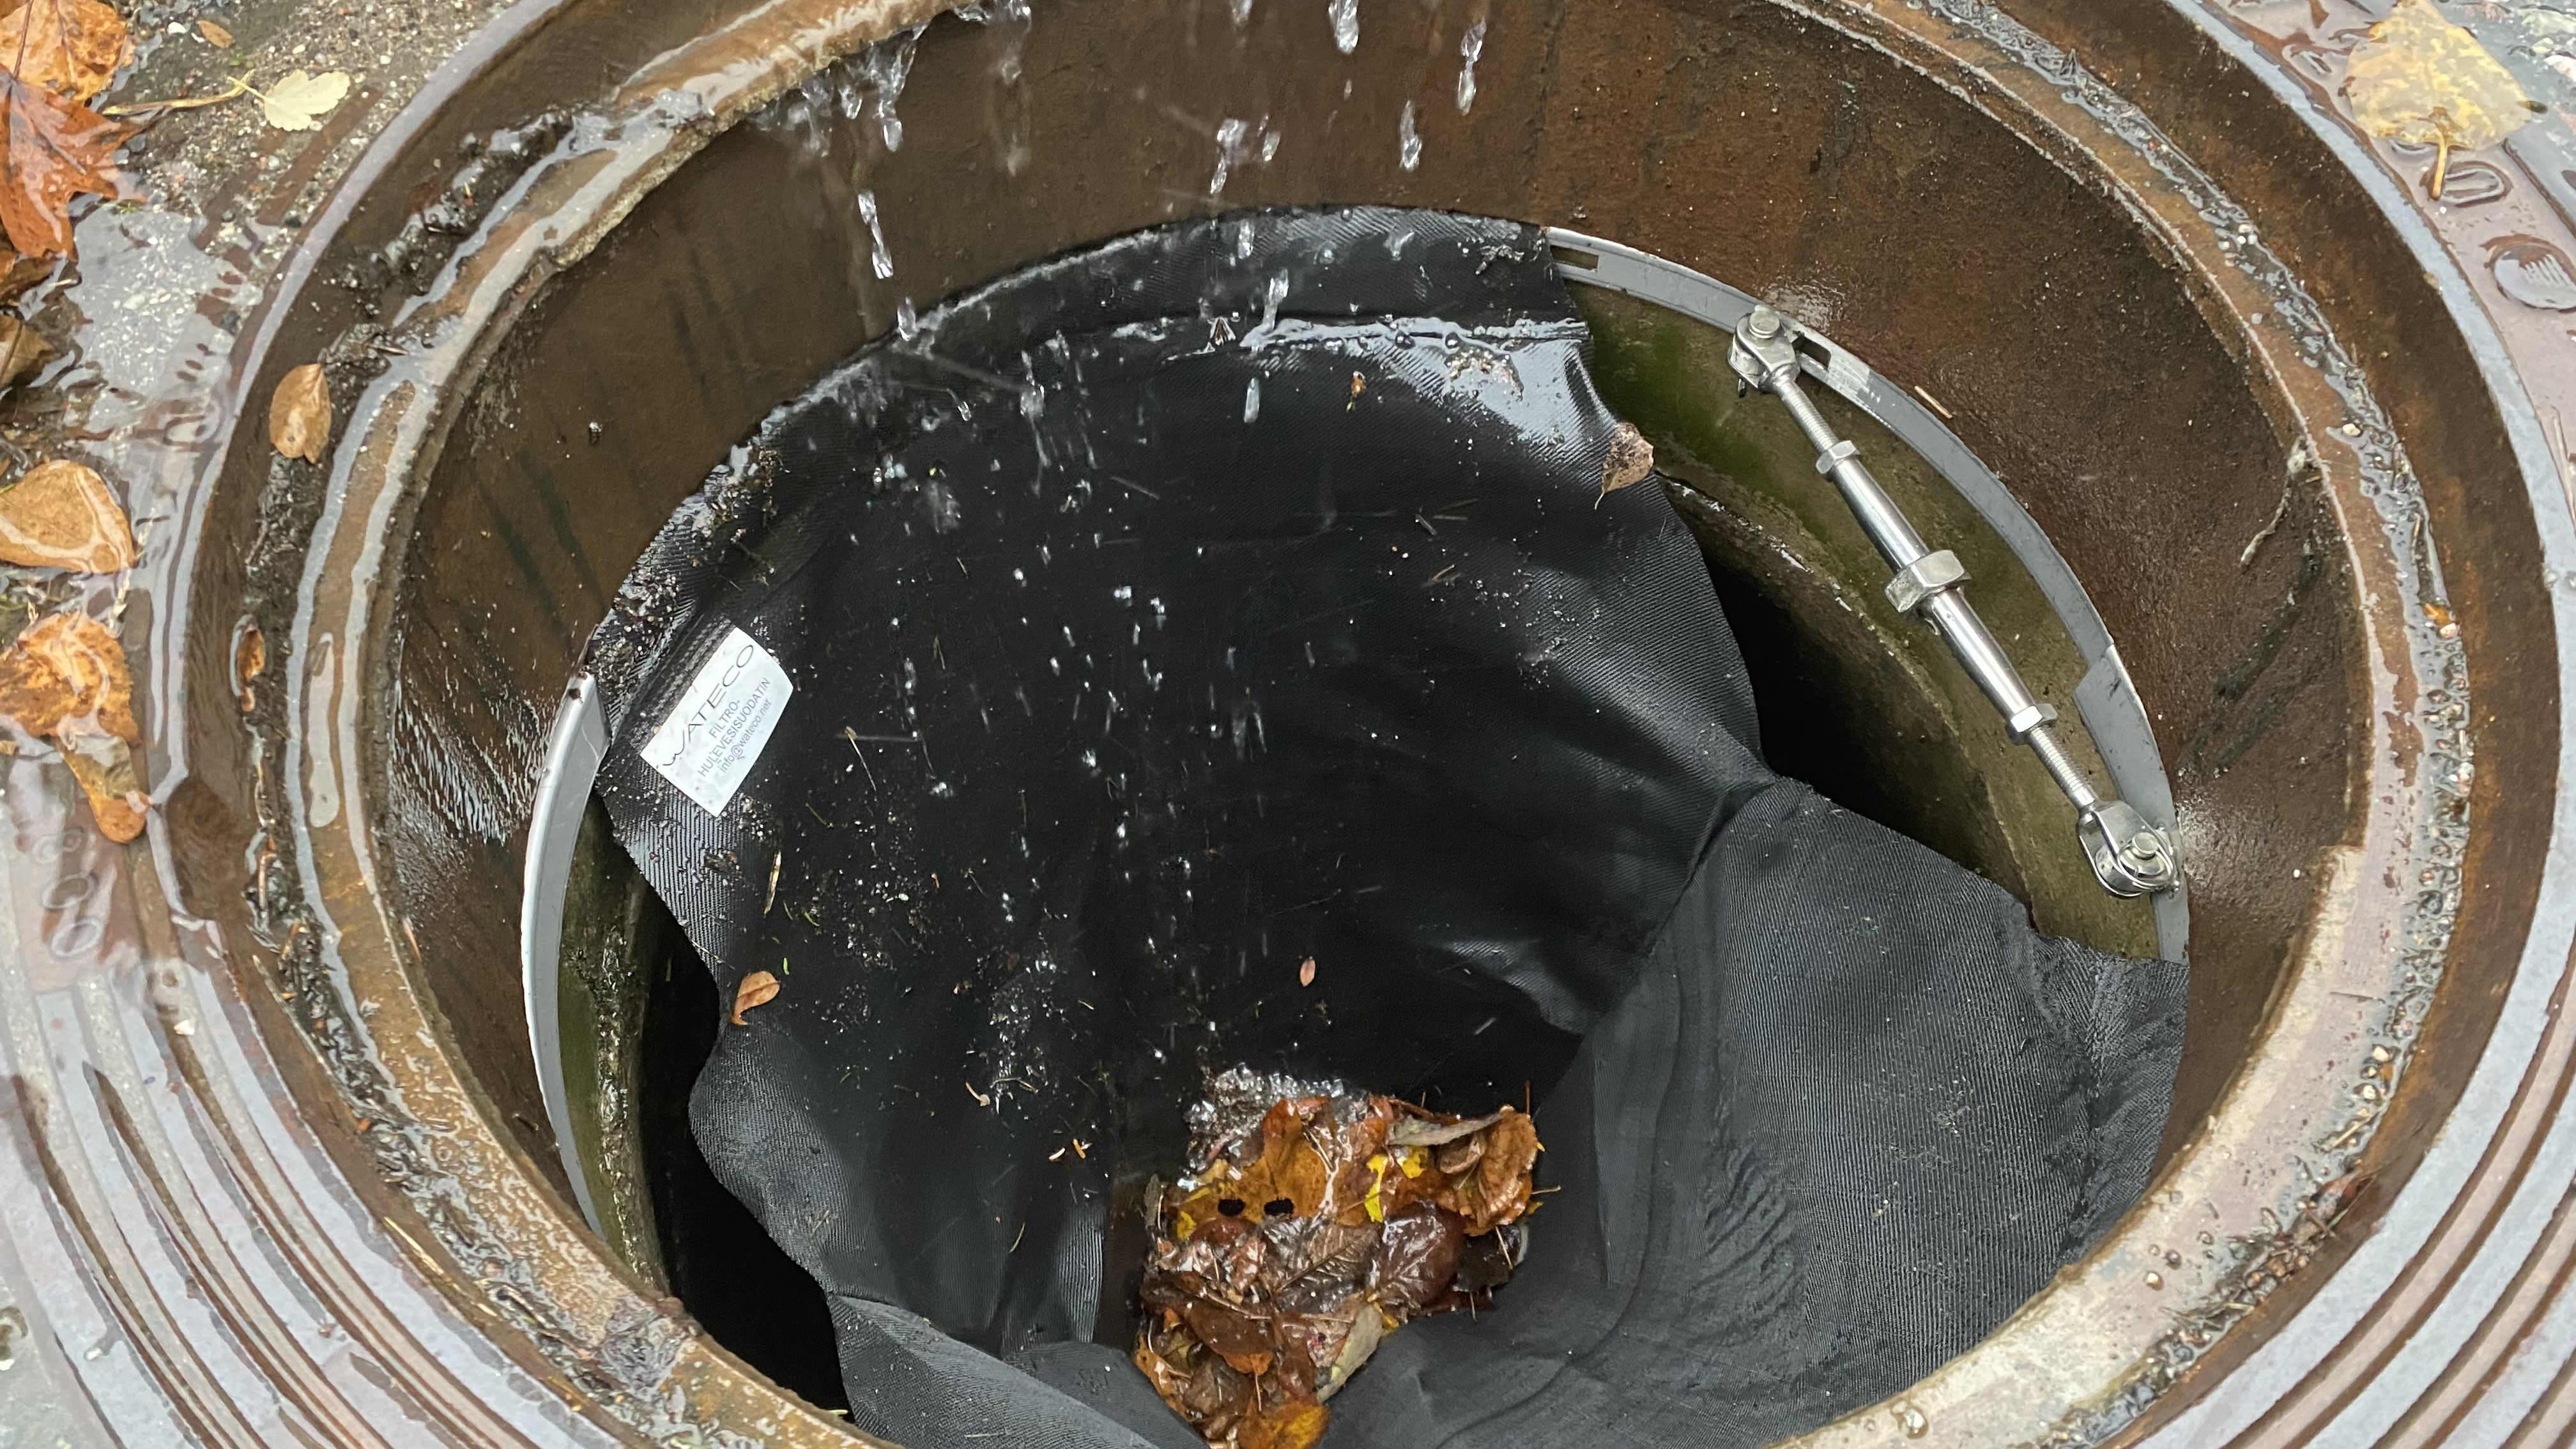 Avattu sadevesikaivo, jossa näkyy musta suodatuskangas sisällä. Suodattimeen on jäänyt lehtiä.